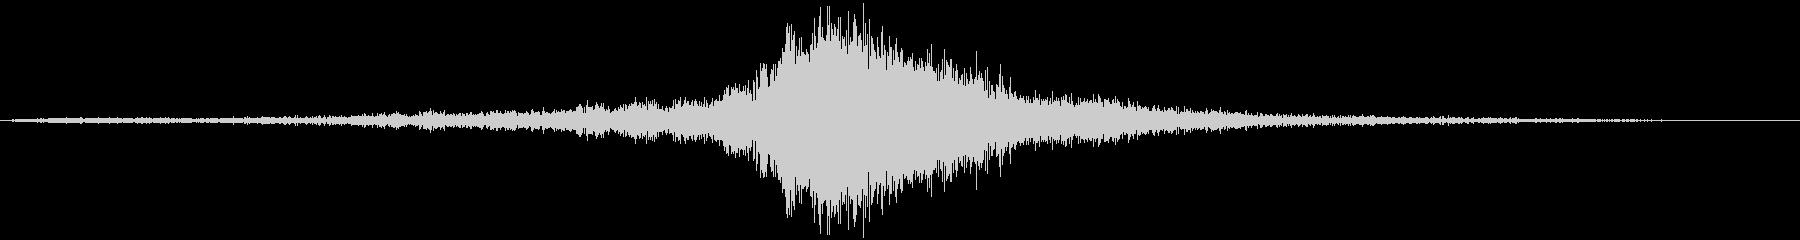 Spaceshipの効果音_02の未再生の波形